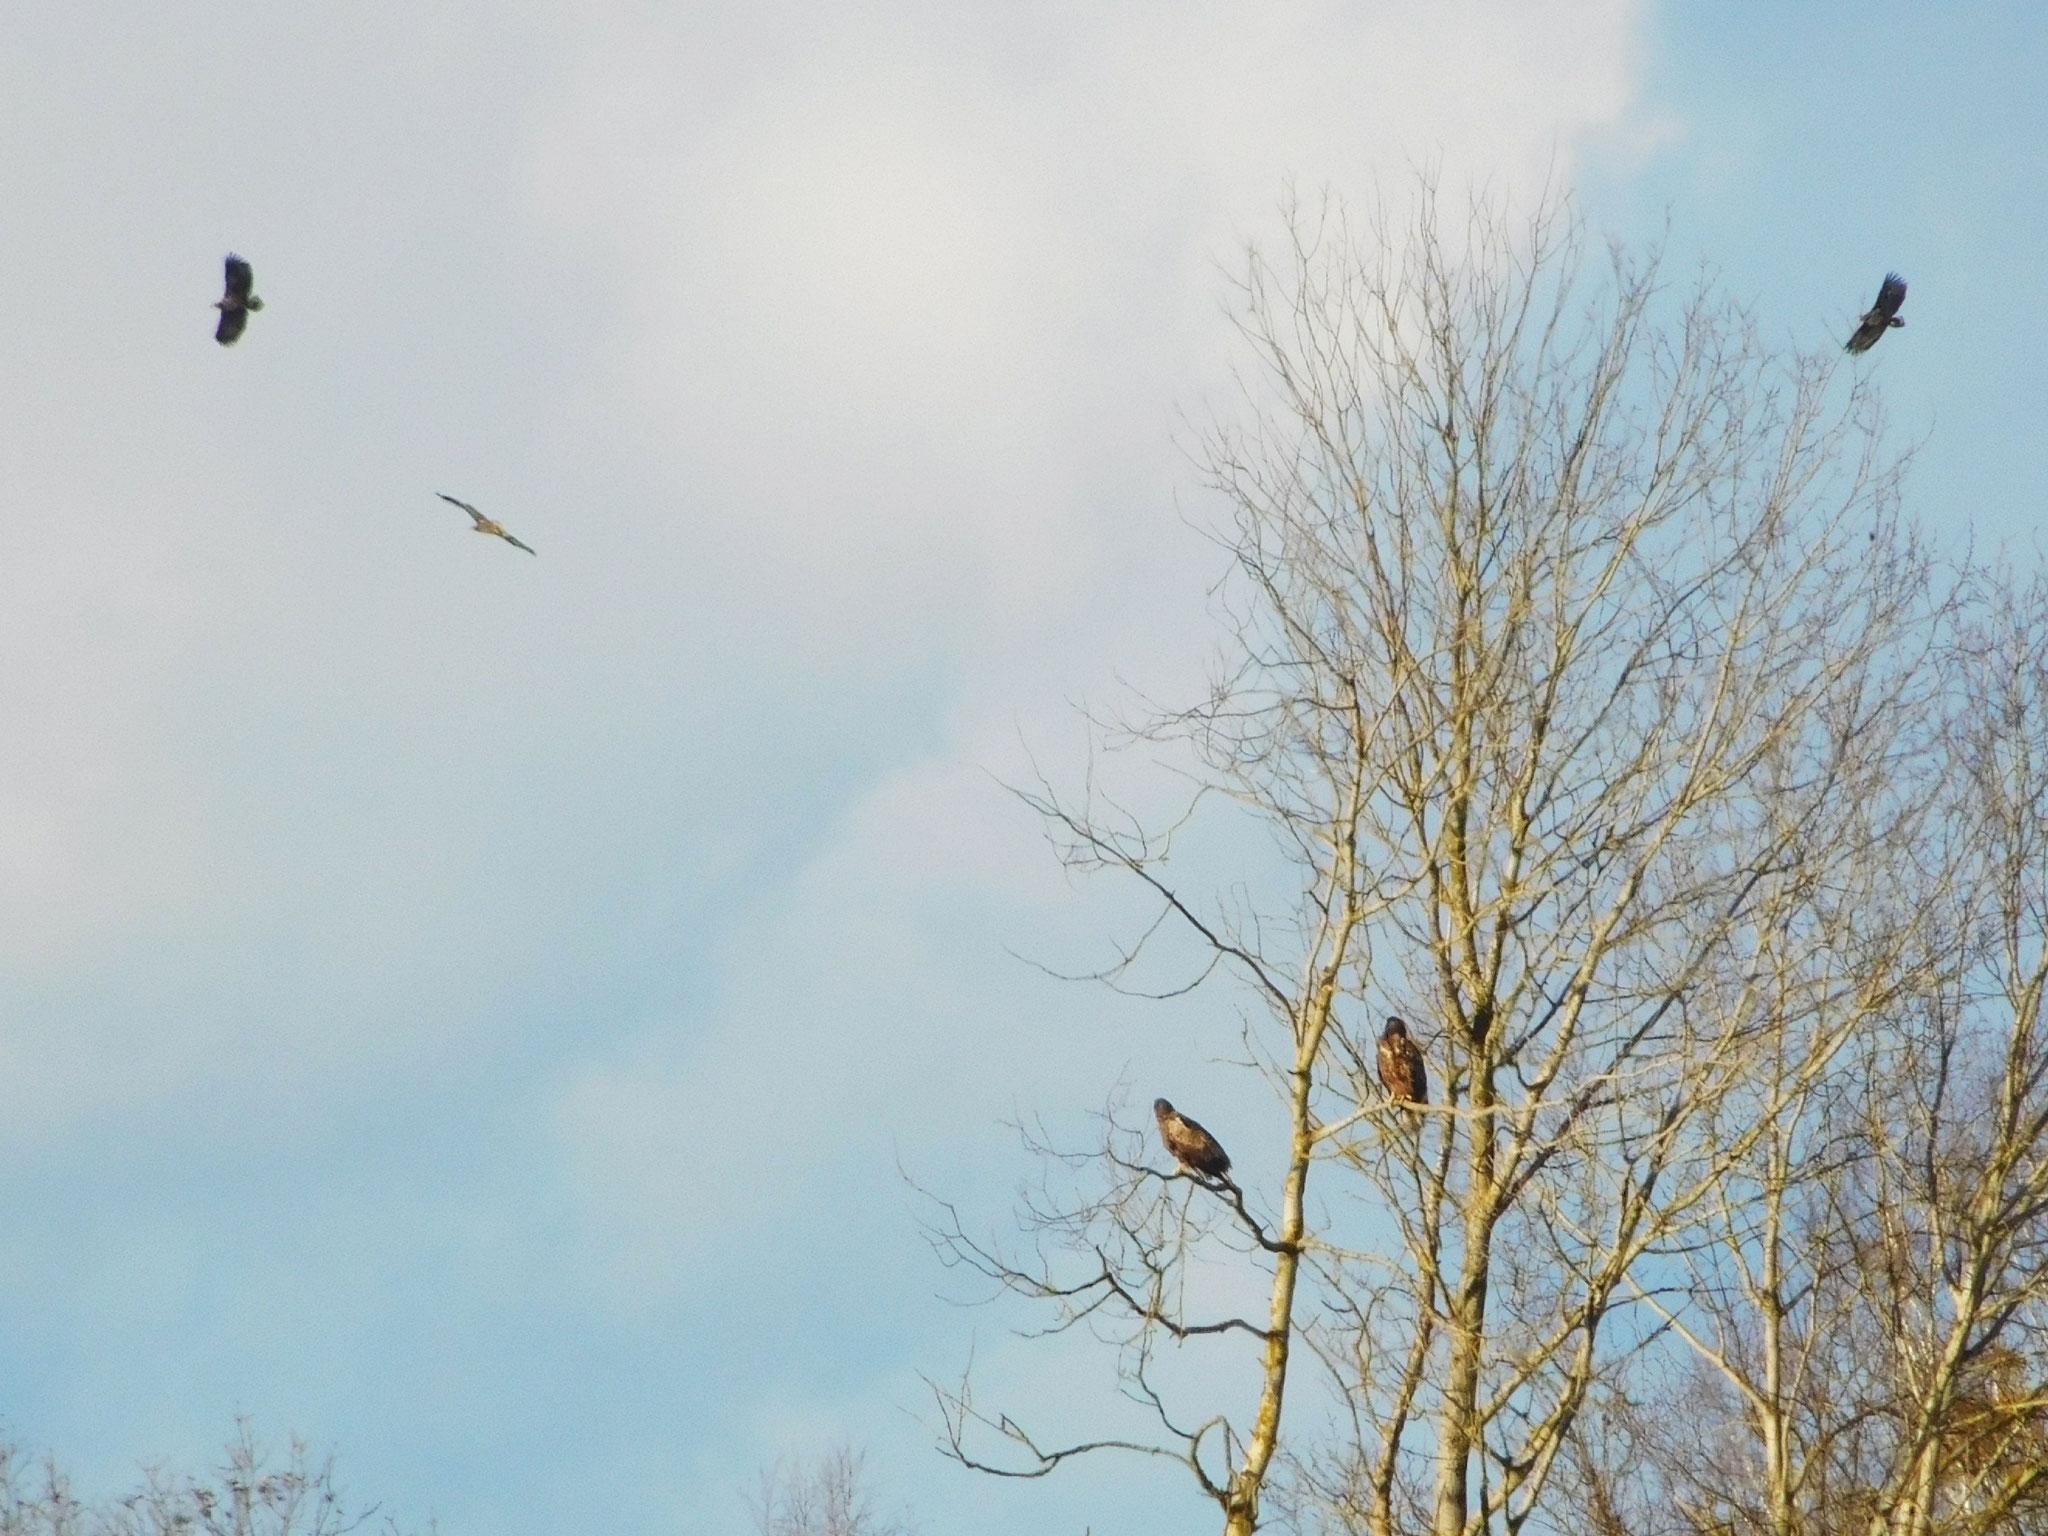 """Fünf Seeadler im Naturschutzgebiet ,,Kleine Schorfheide""""."""